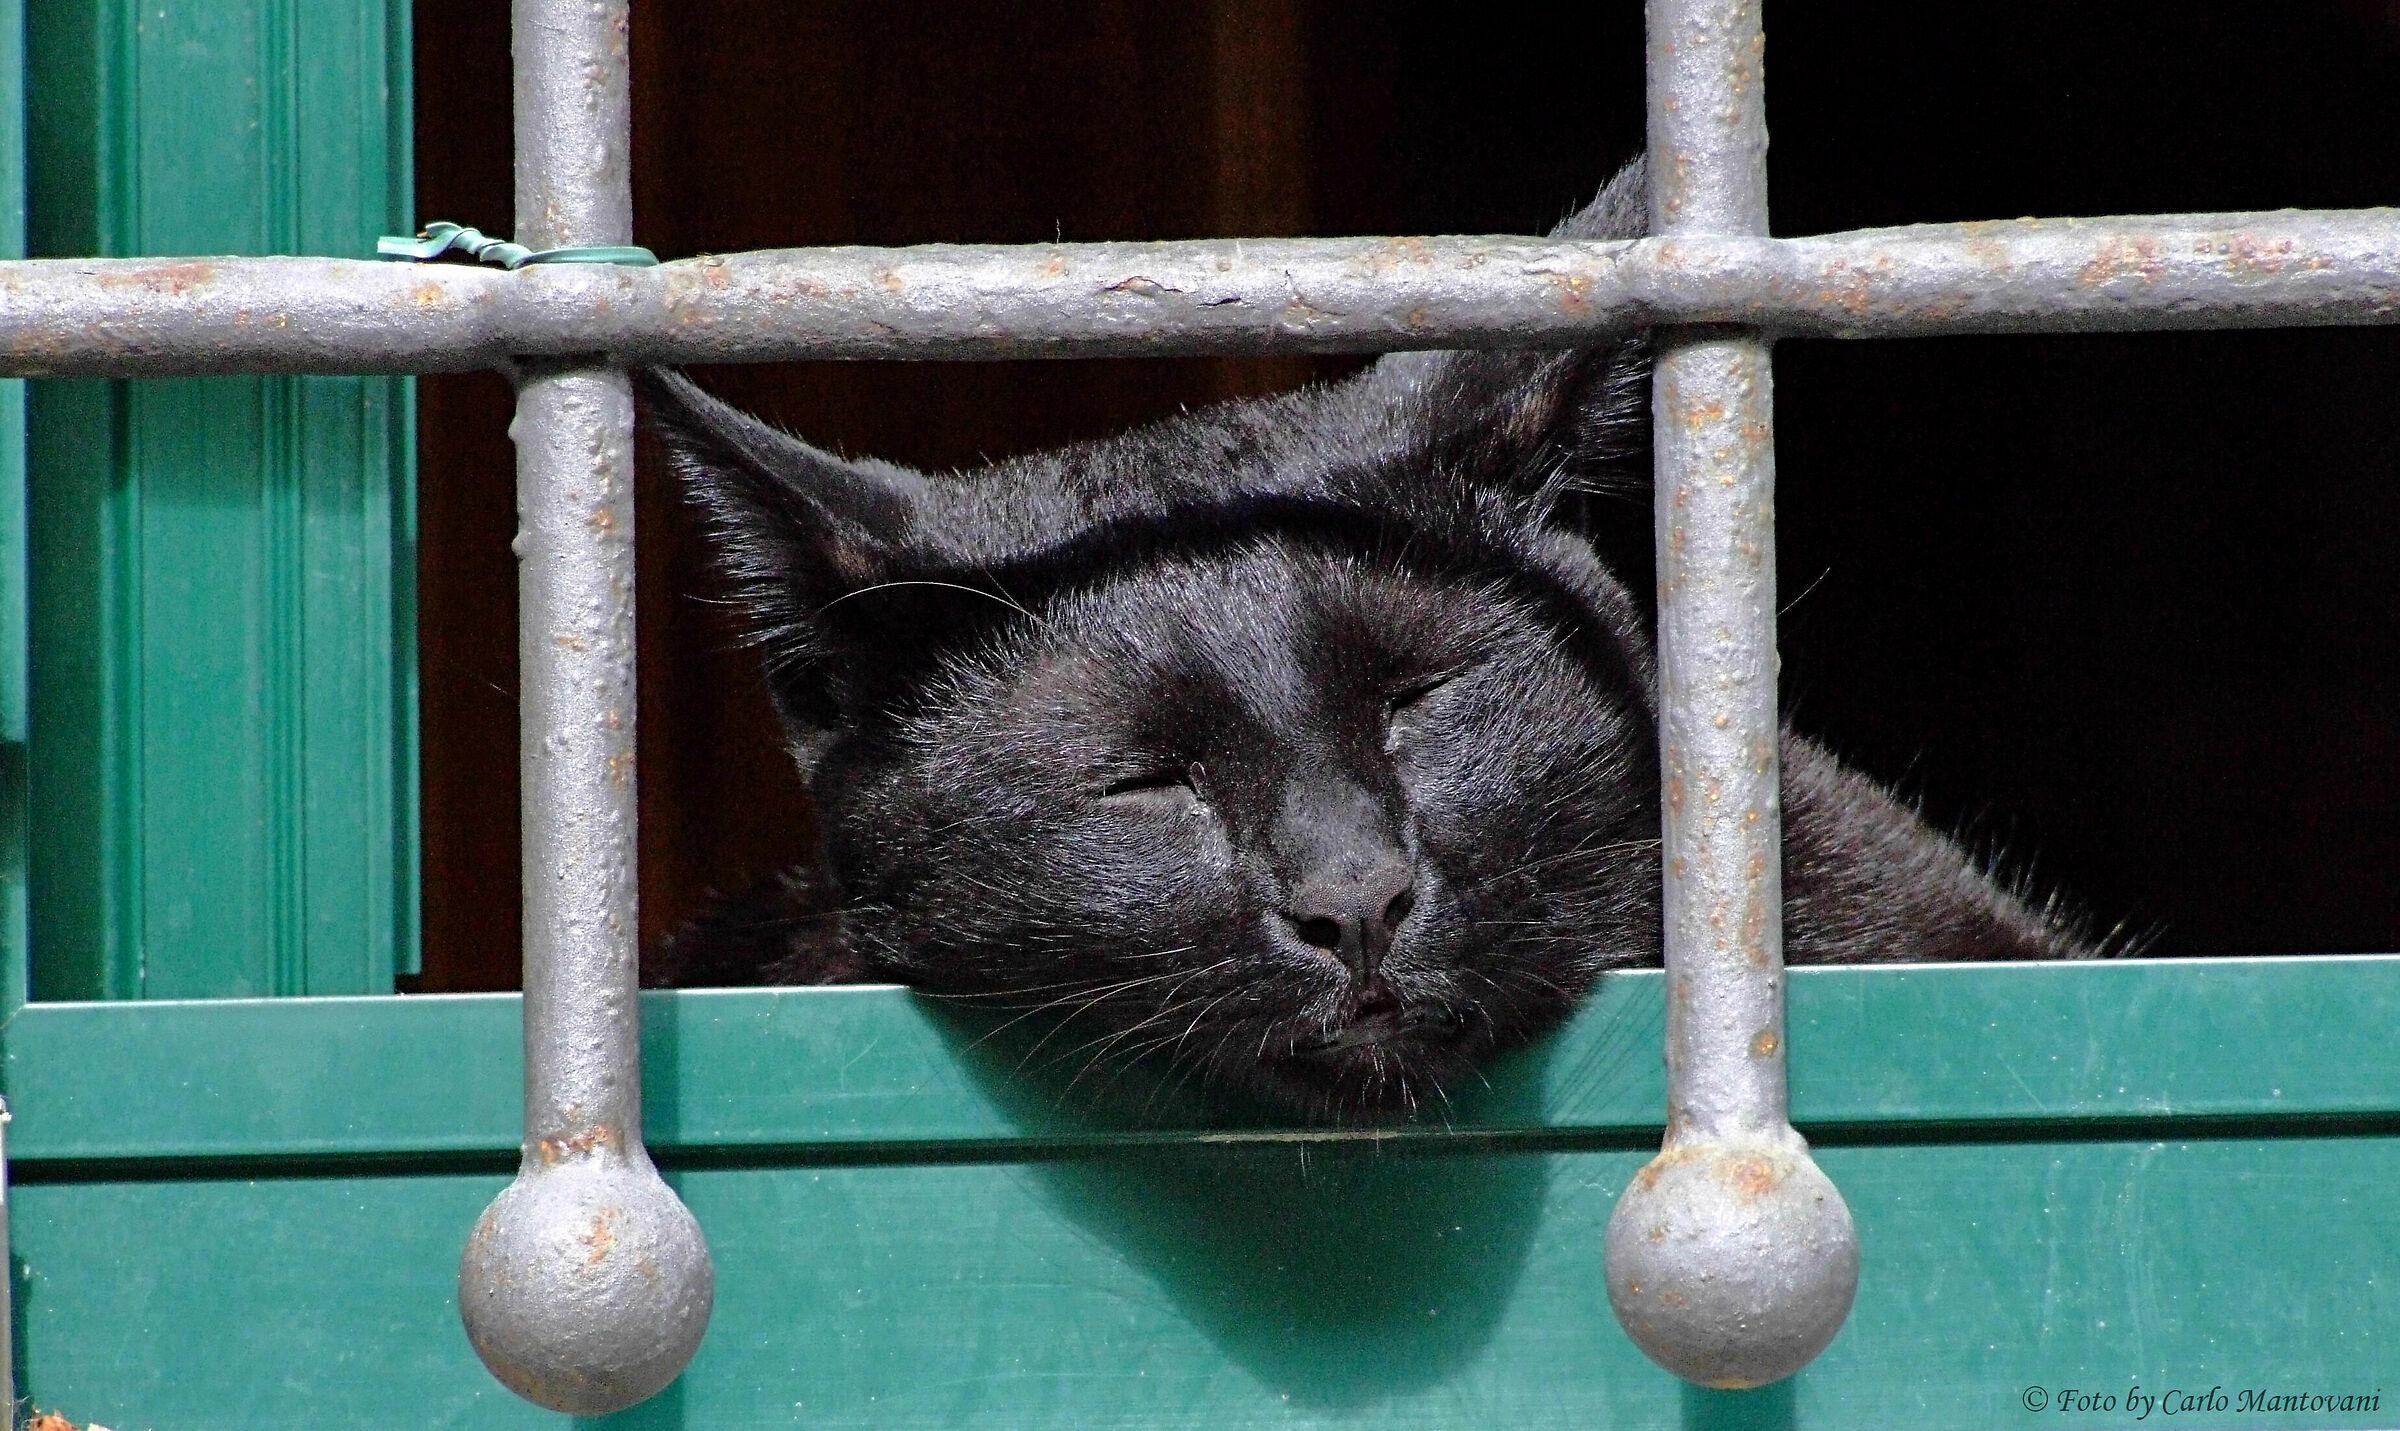 Gatto in carcere...